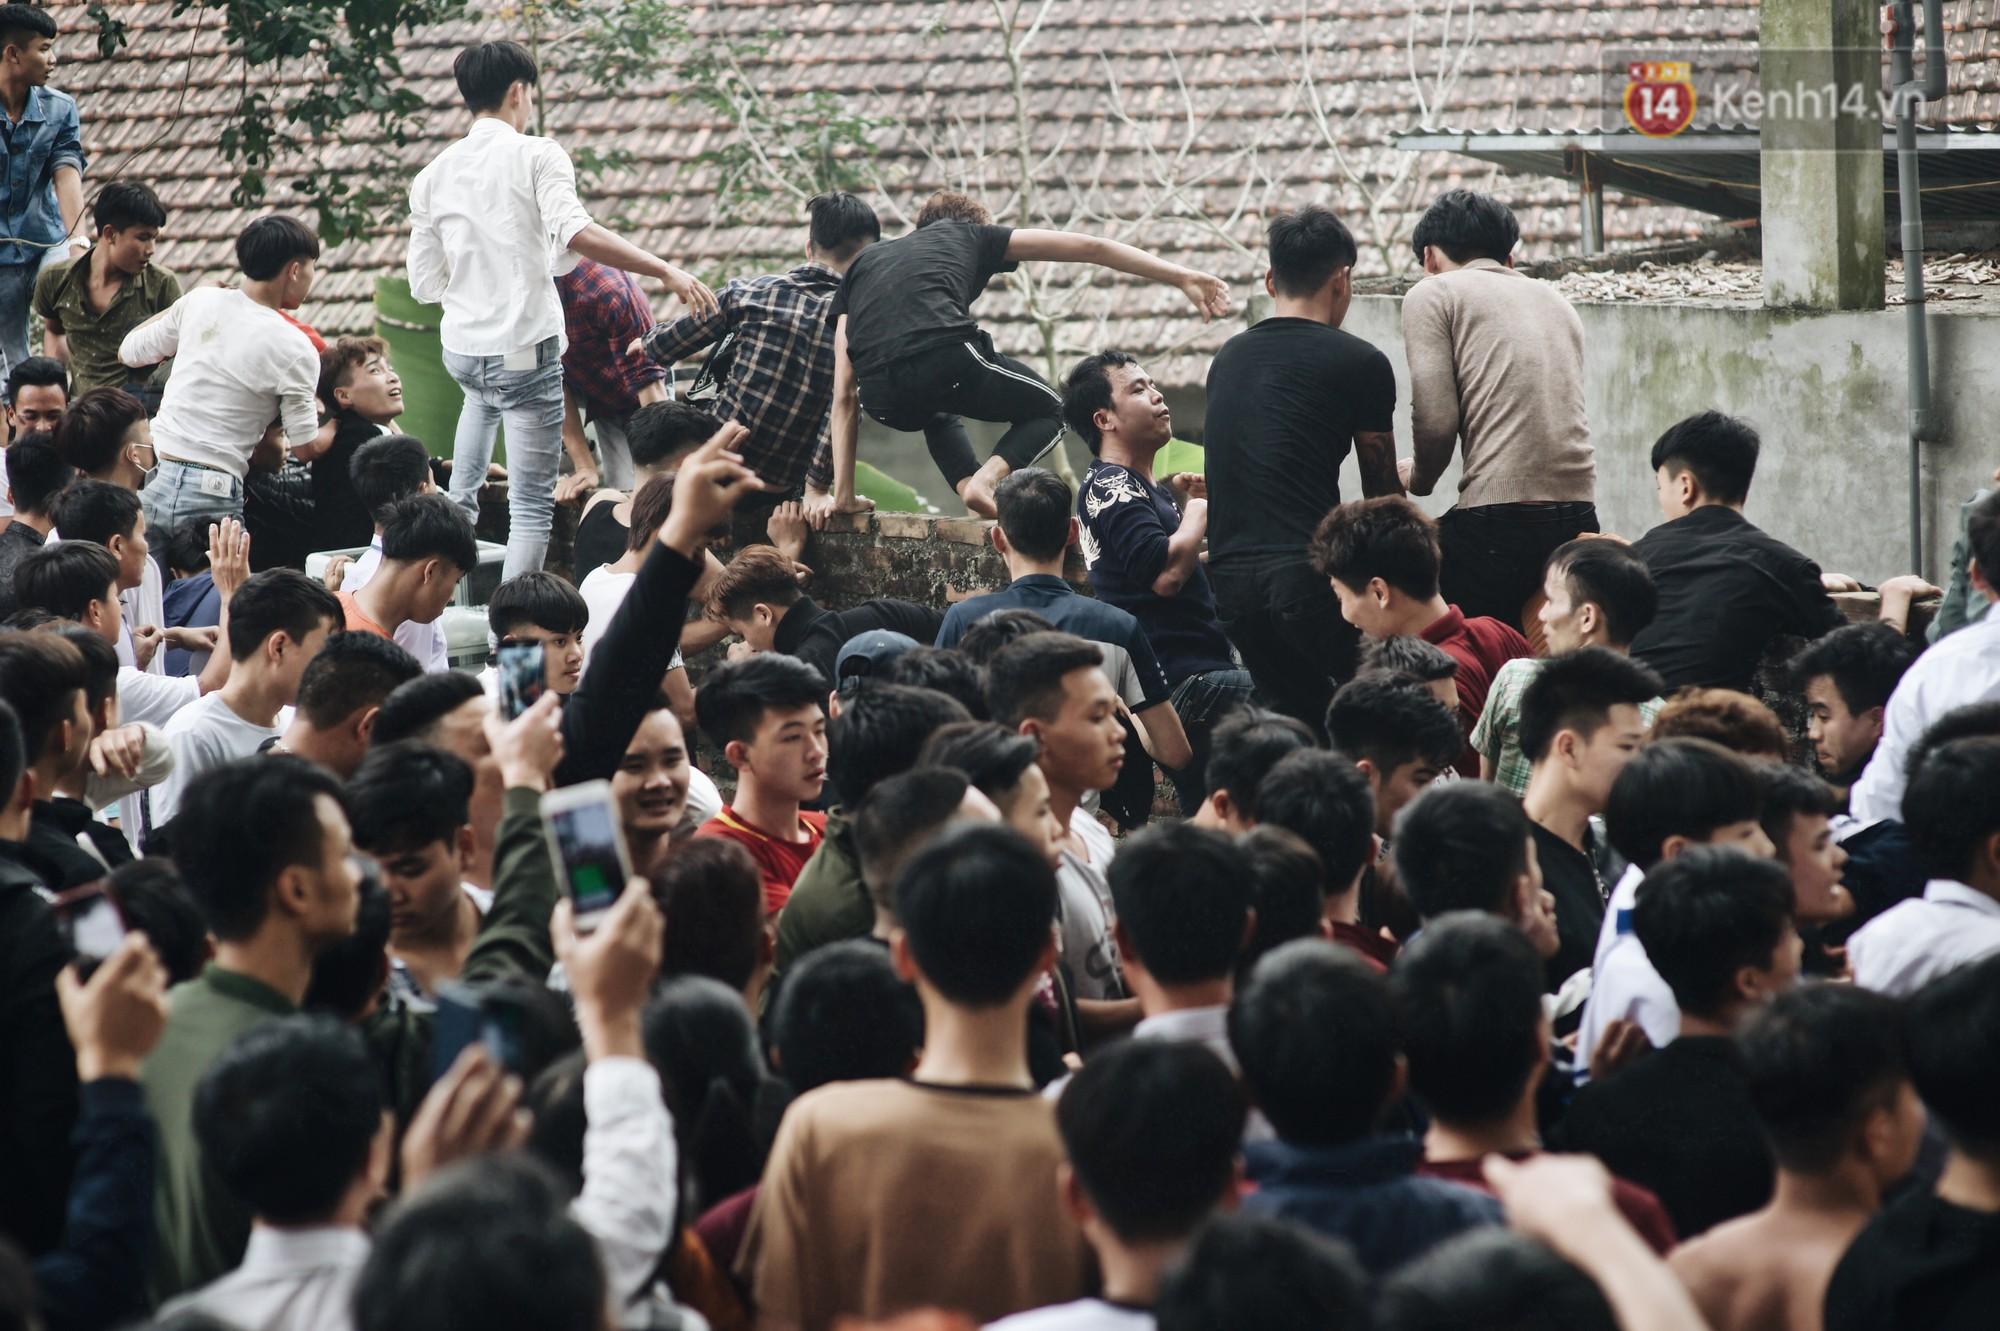 Hàng trăm thanh niên giẫm đạp, tranh cuớp chiếu thiêng mong sinh con trai - Ảnh 11.